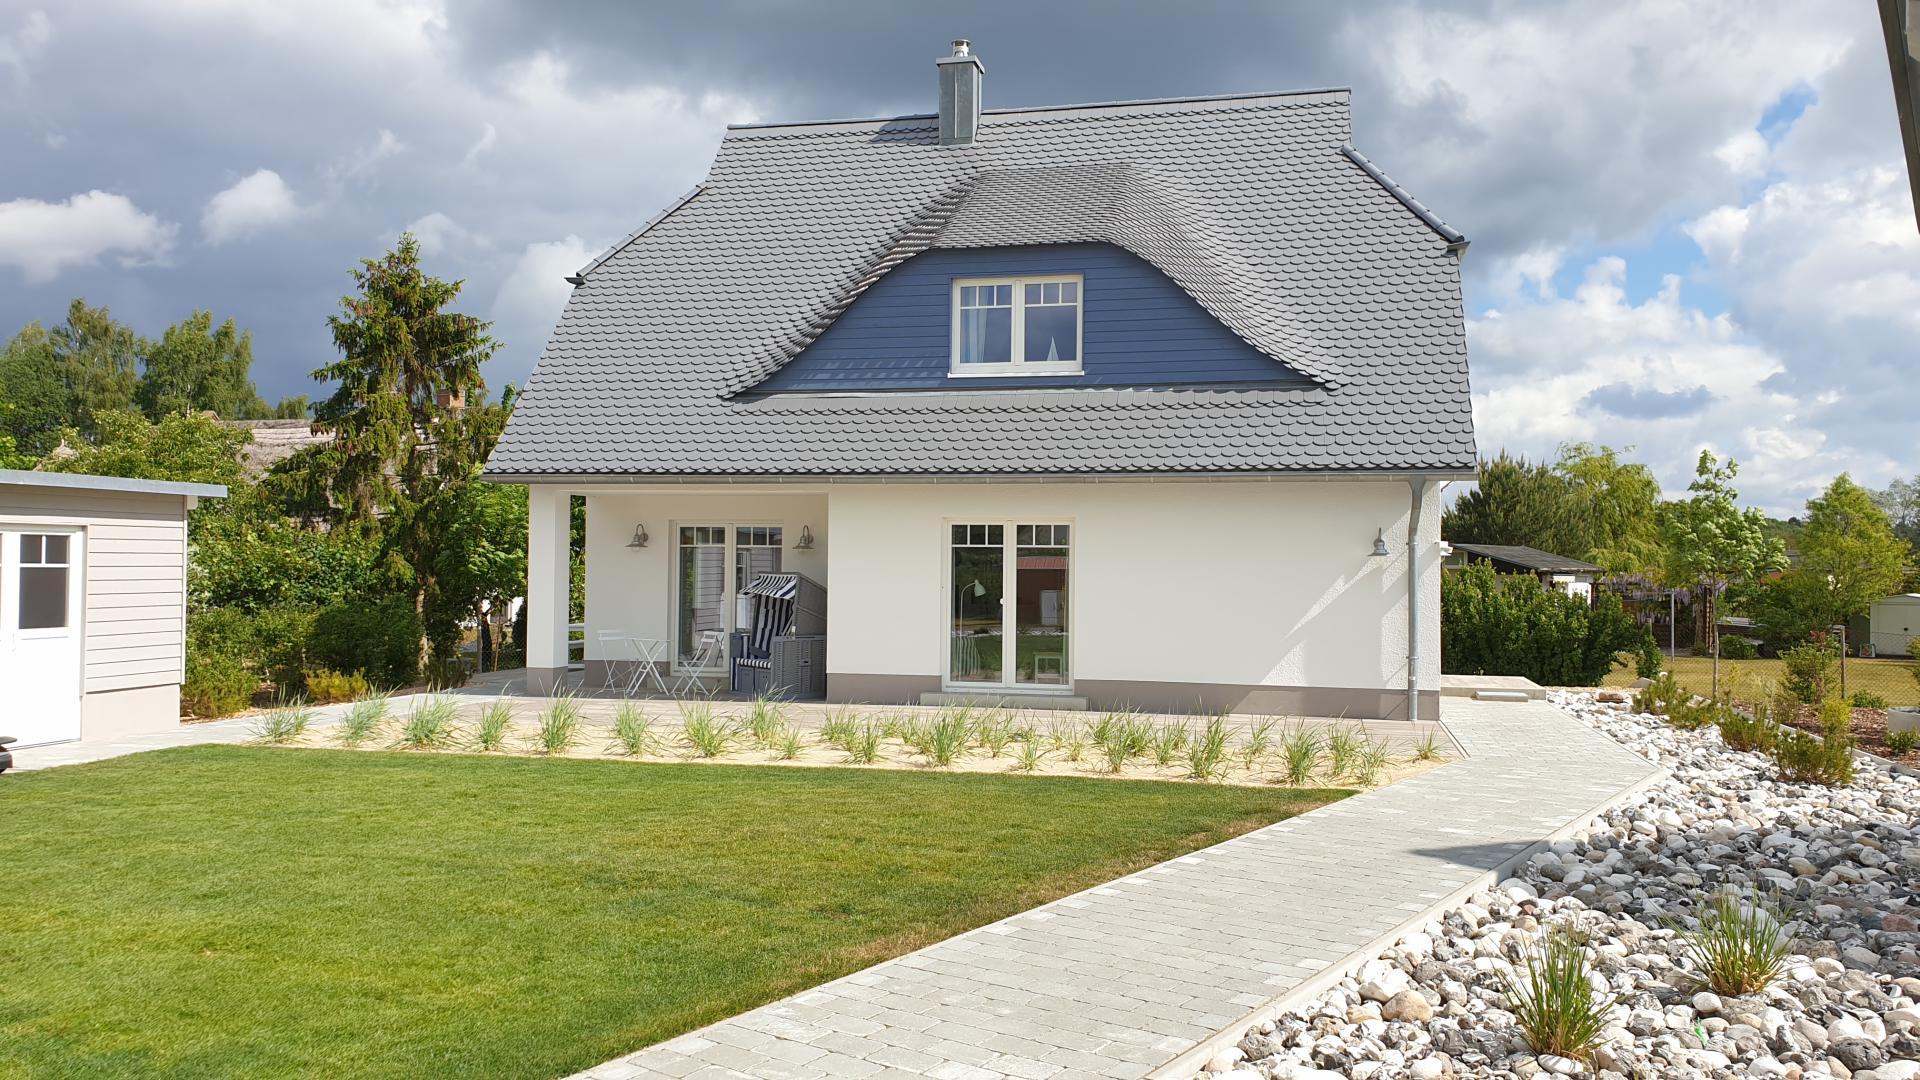 Ferienhaus MEERZEIT auf Usedom an der Ostsee